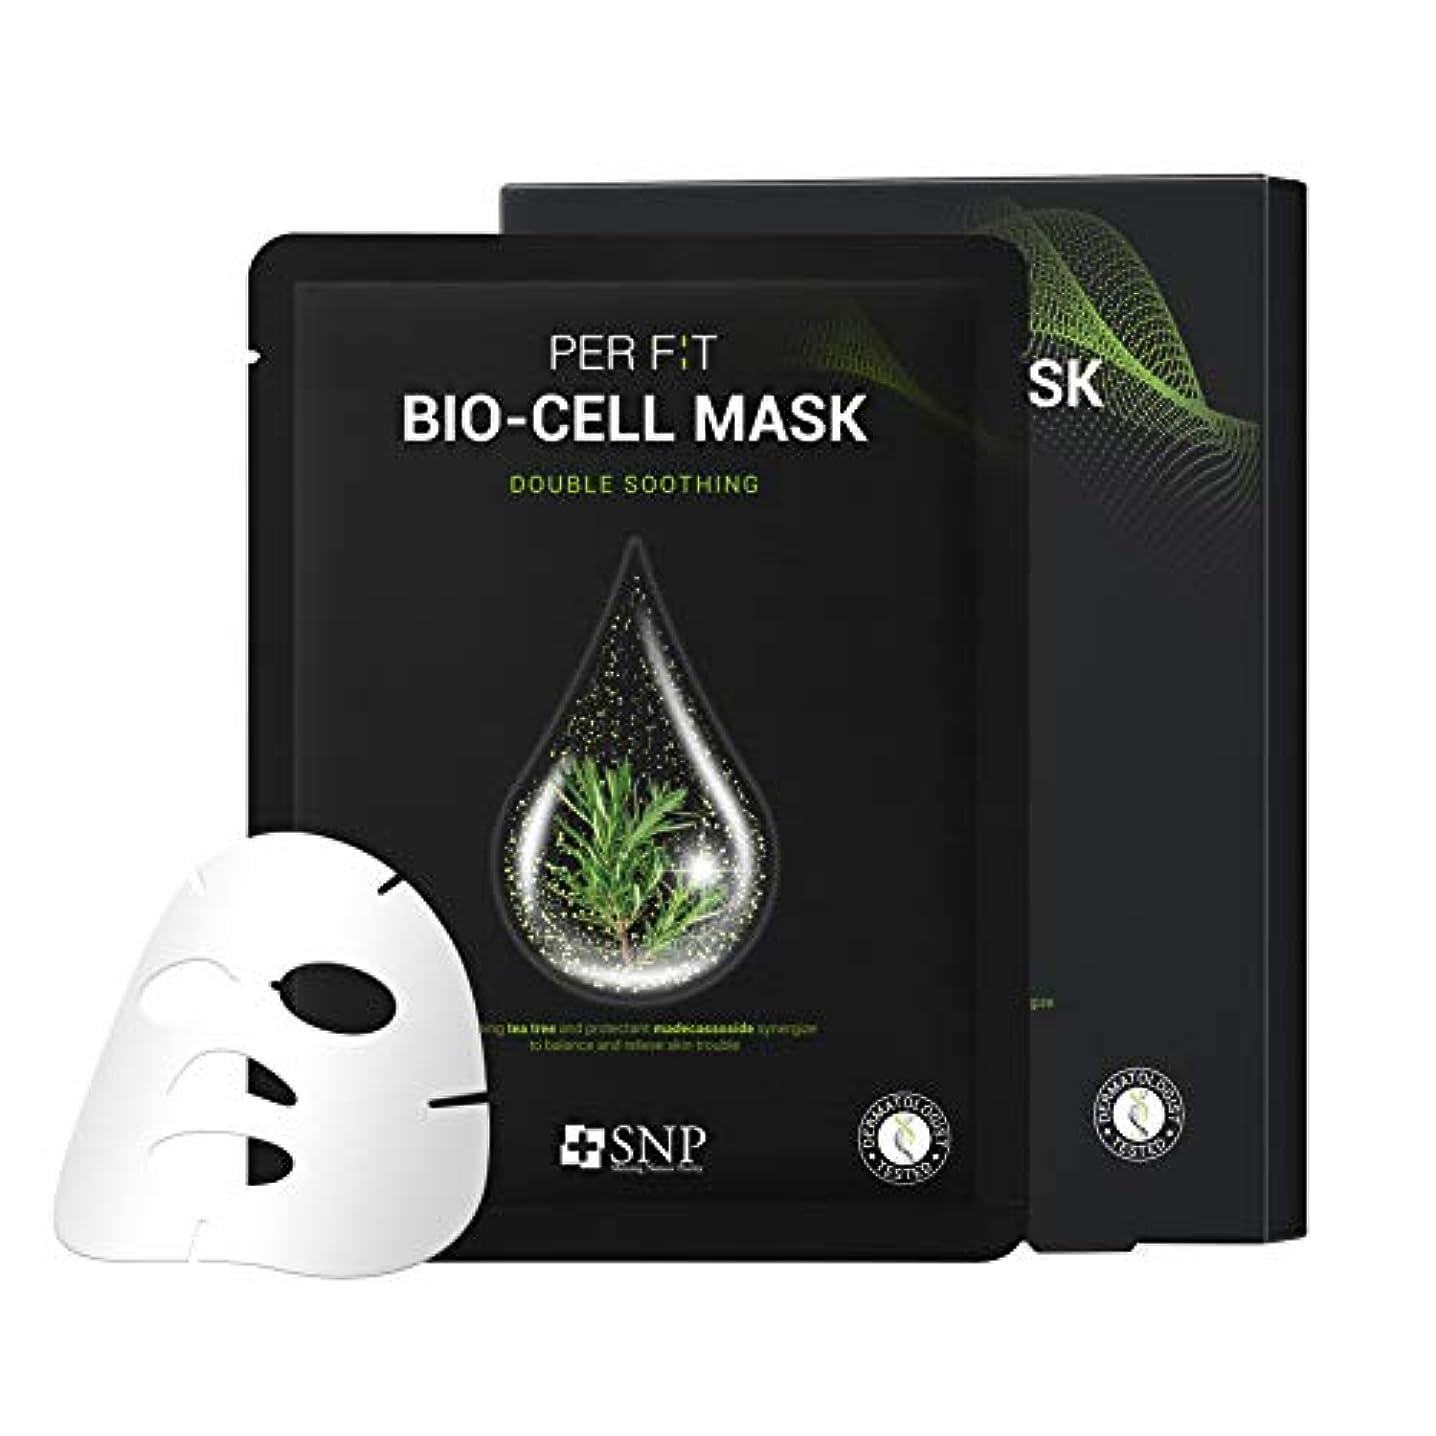 機械的消去マイルド【SNP公式】 パーフィット バイオセルマスク ダブルスージング 5枚セット / PER F:T BIO-CELL MASK DOUBLE SOOTHING 韓国パック 韓国コスメ パック マスクパック シートマスク